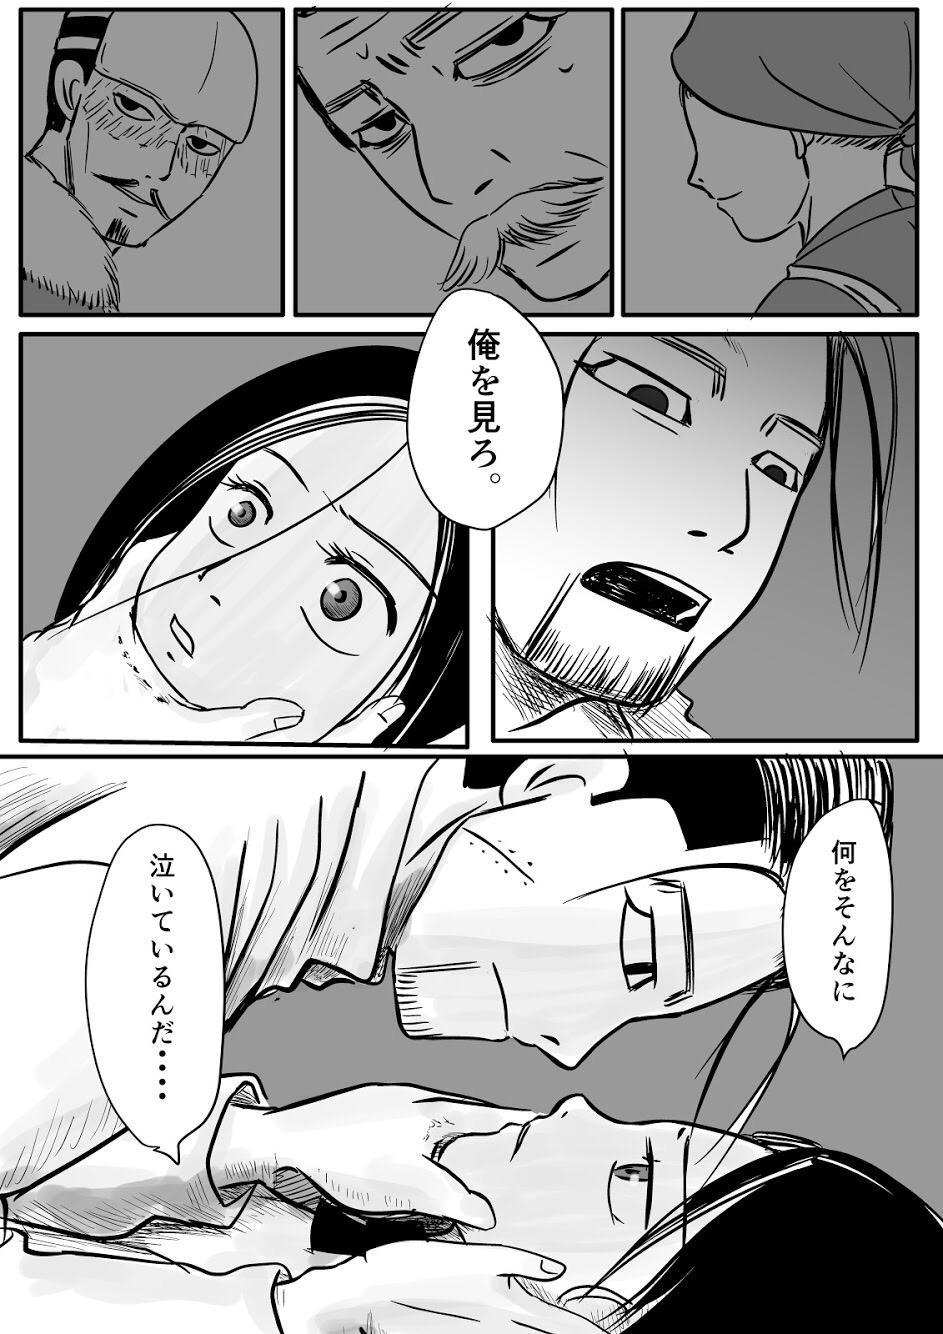 Toko no Koto 36